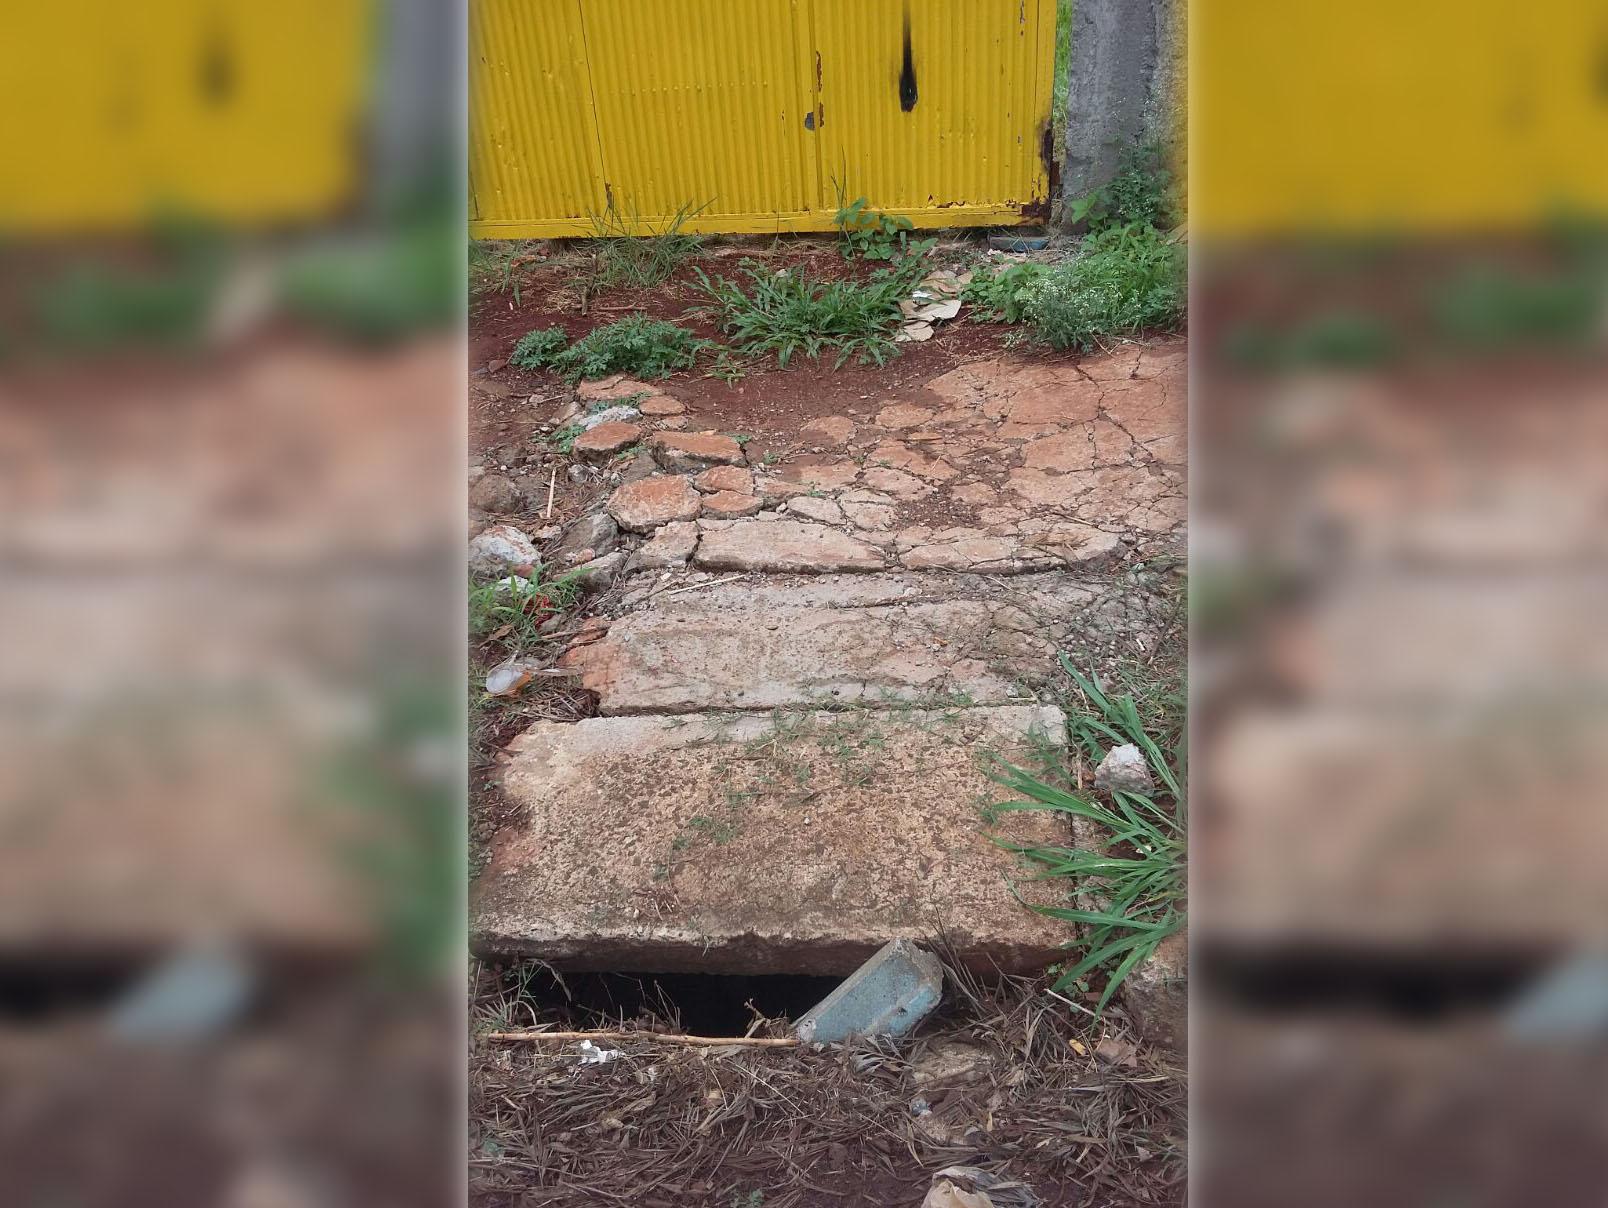 Internauta registra calçada esburacada no Clube do Maria Cecília - Foto: Sônia/Você é o Repórter